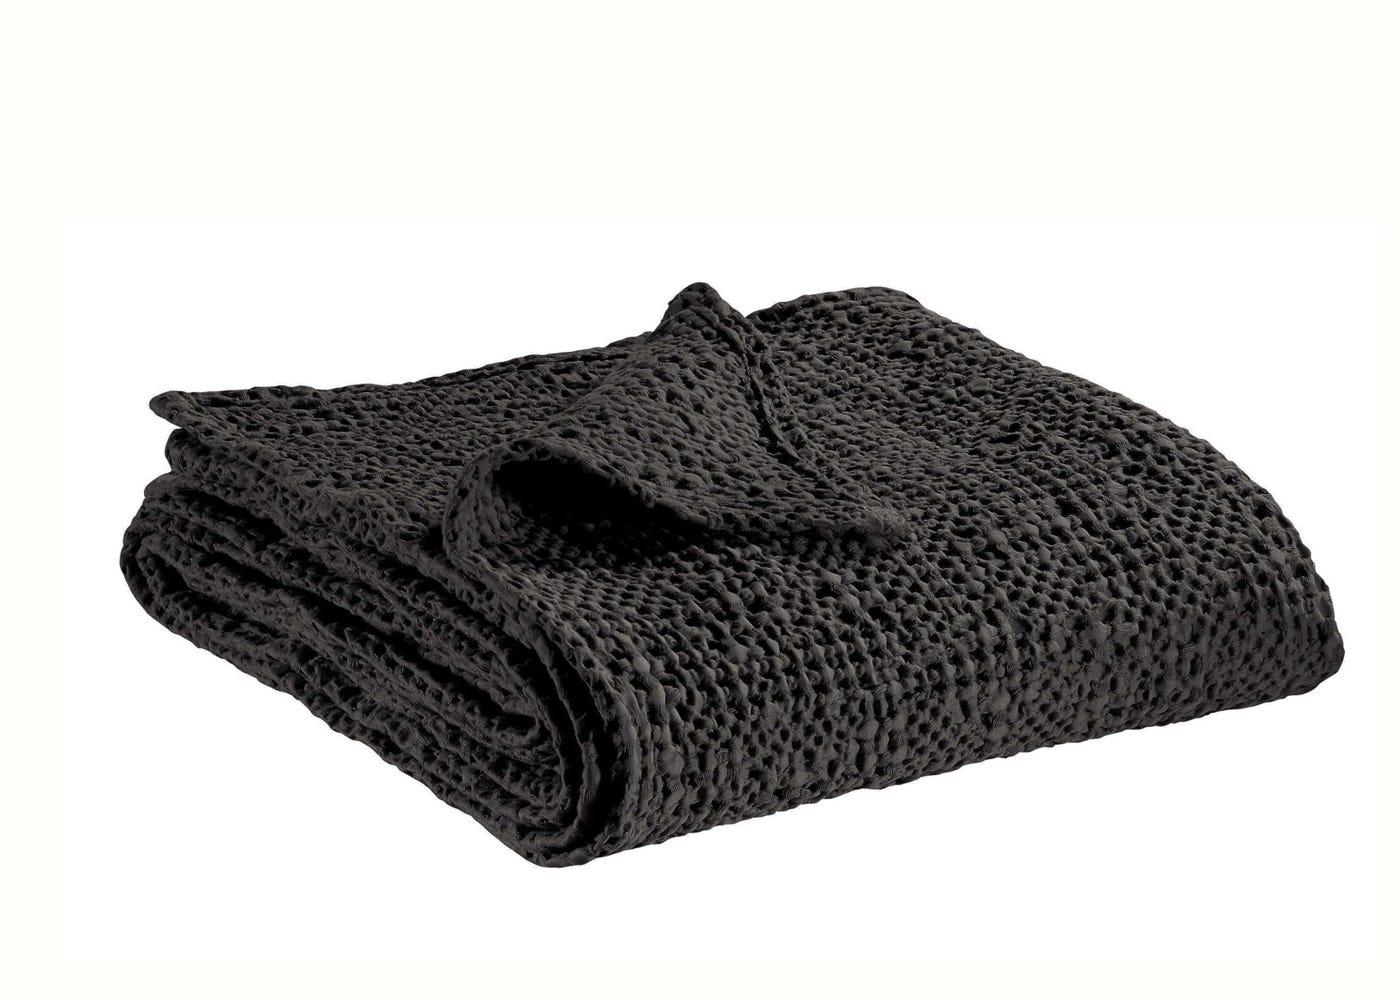 Tana Waffle bedspread in charcoal